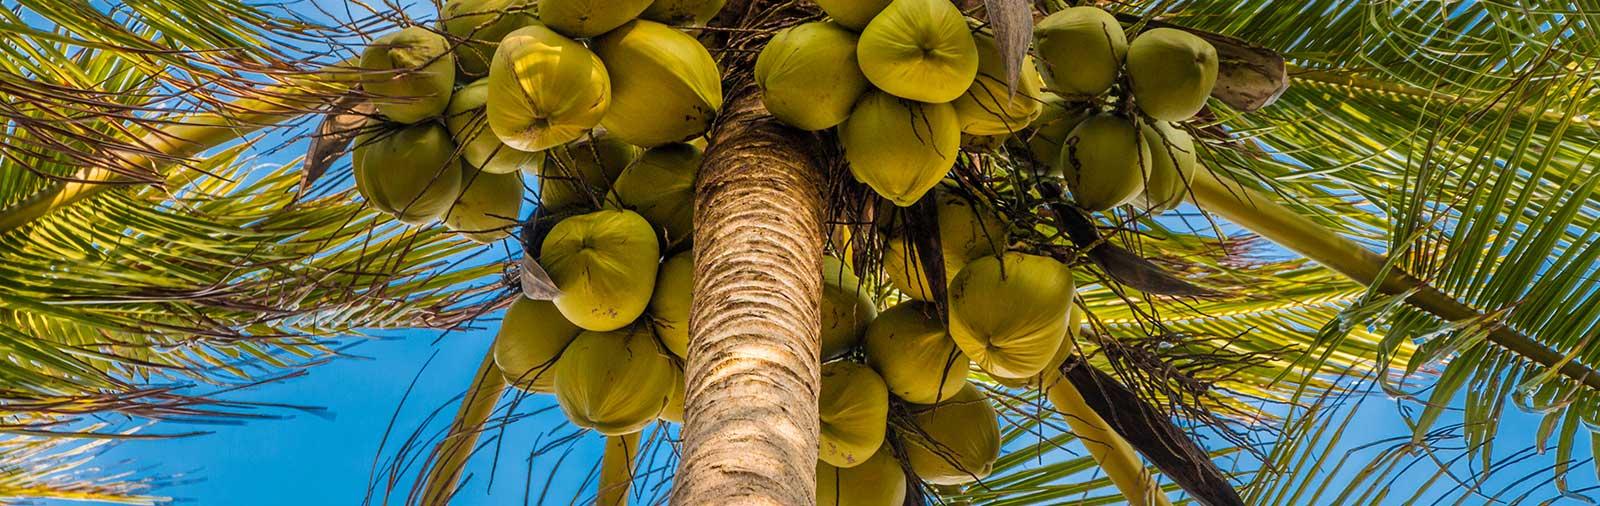 Kokospalm - Cocos nucifera L.